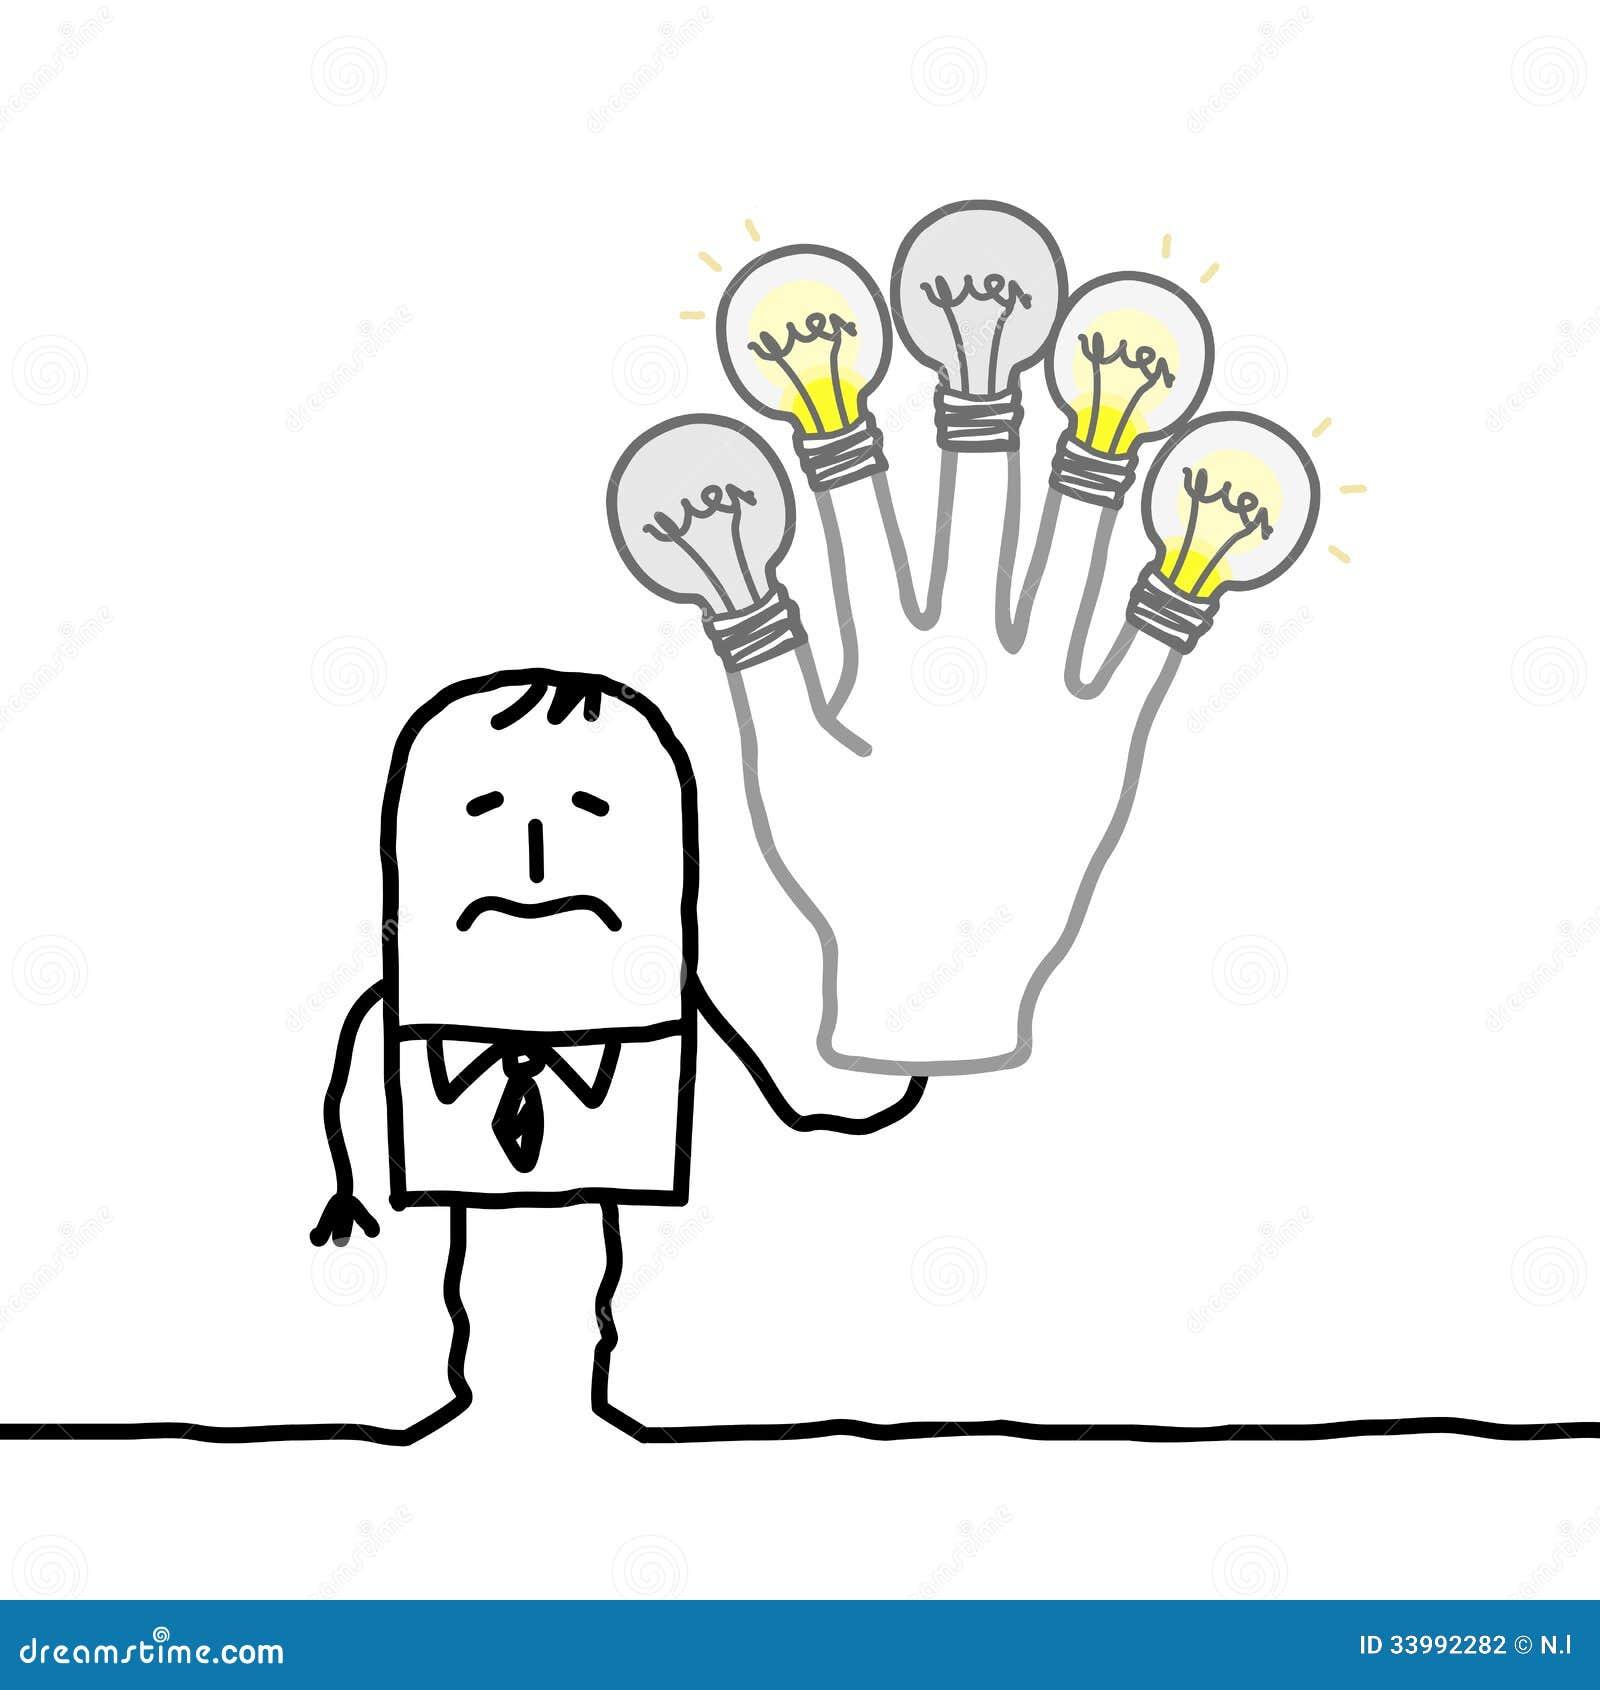 没有更多想法或能量的人